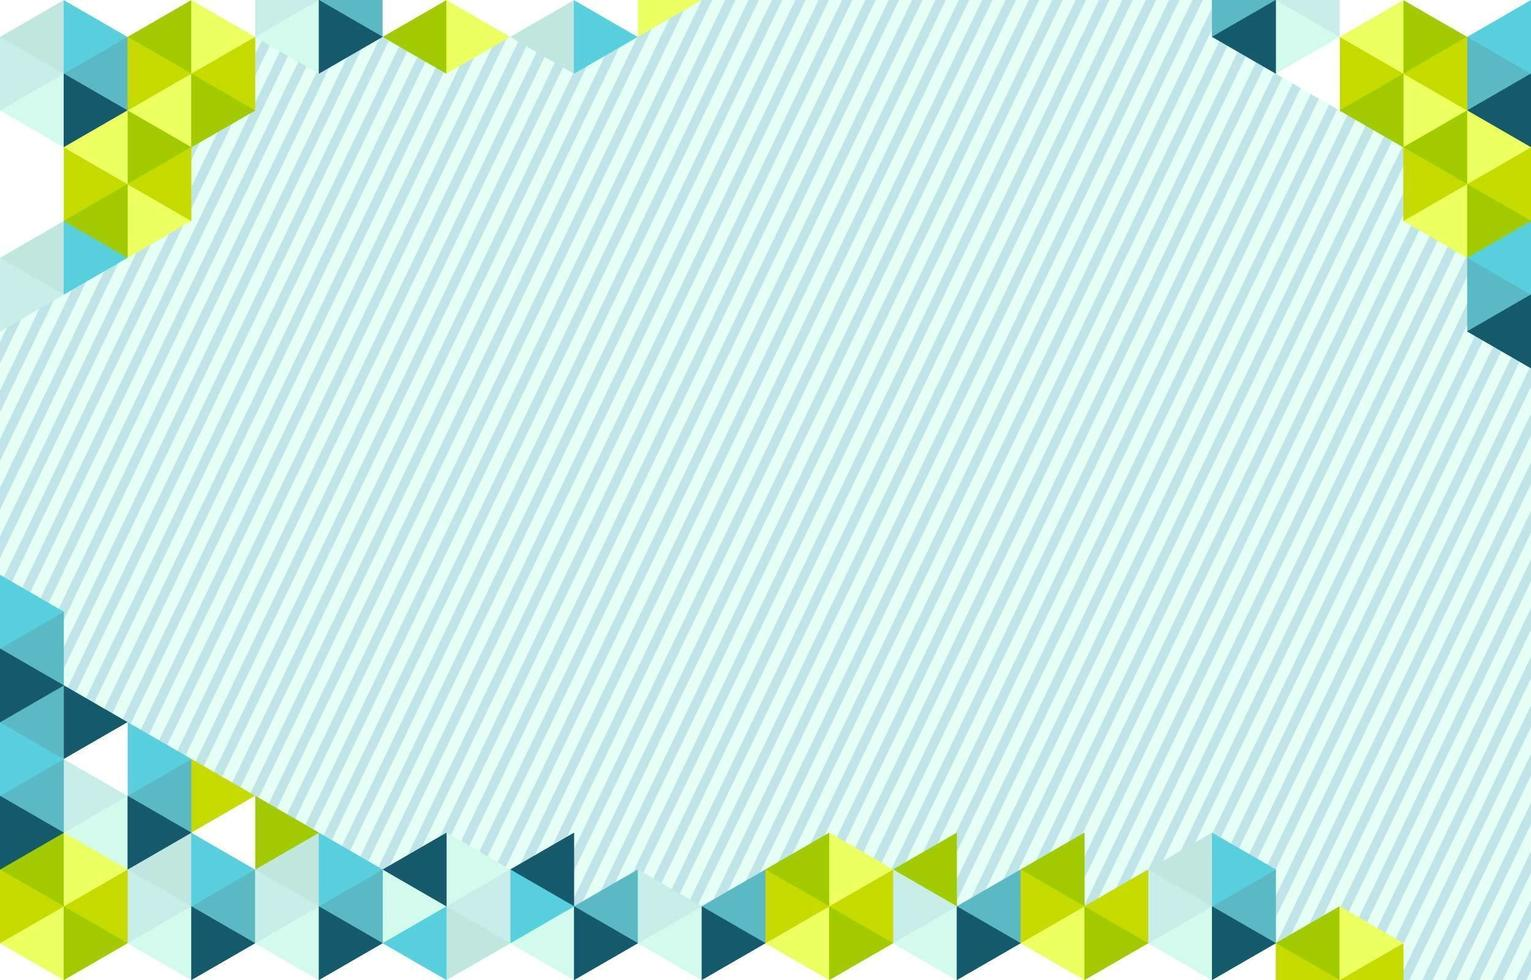 fond de triangle géométrique vecteur